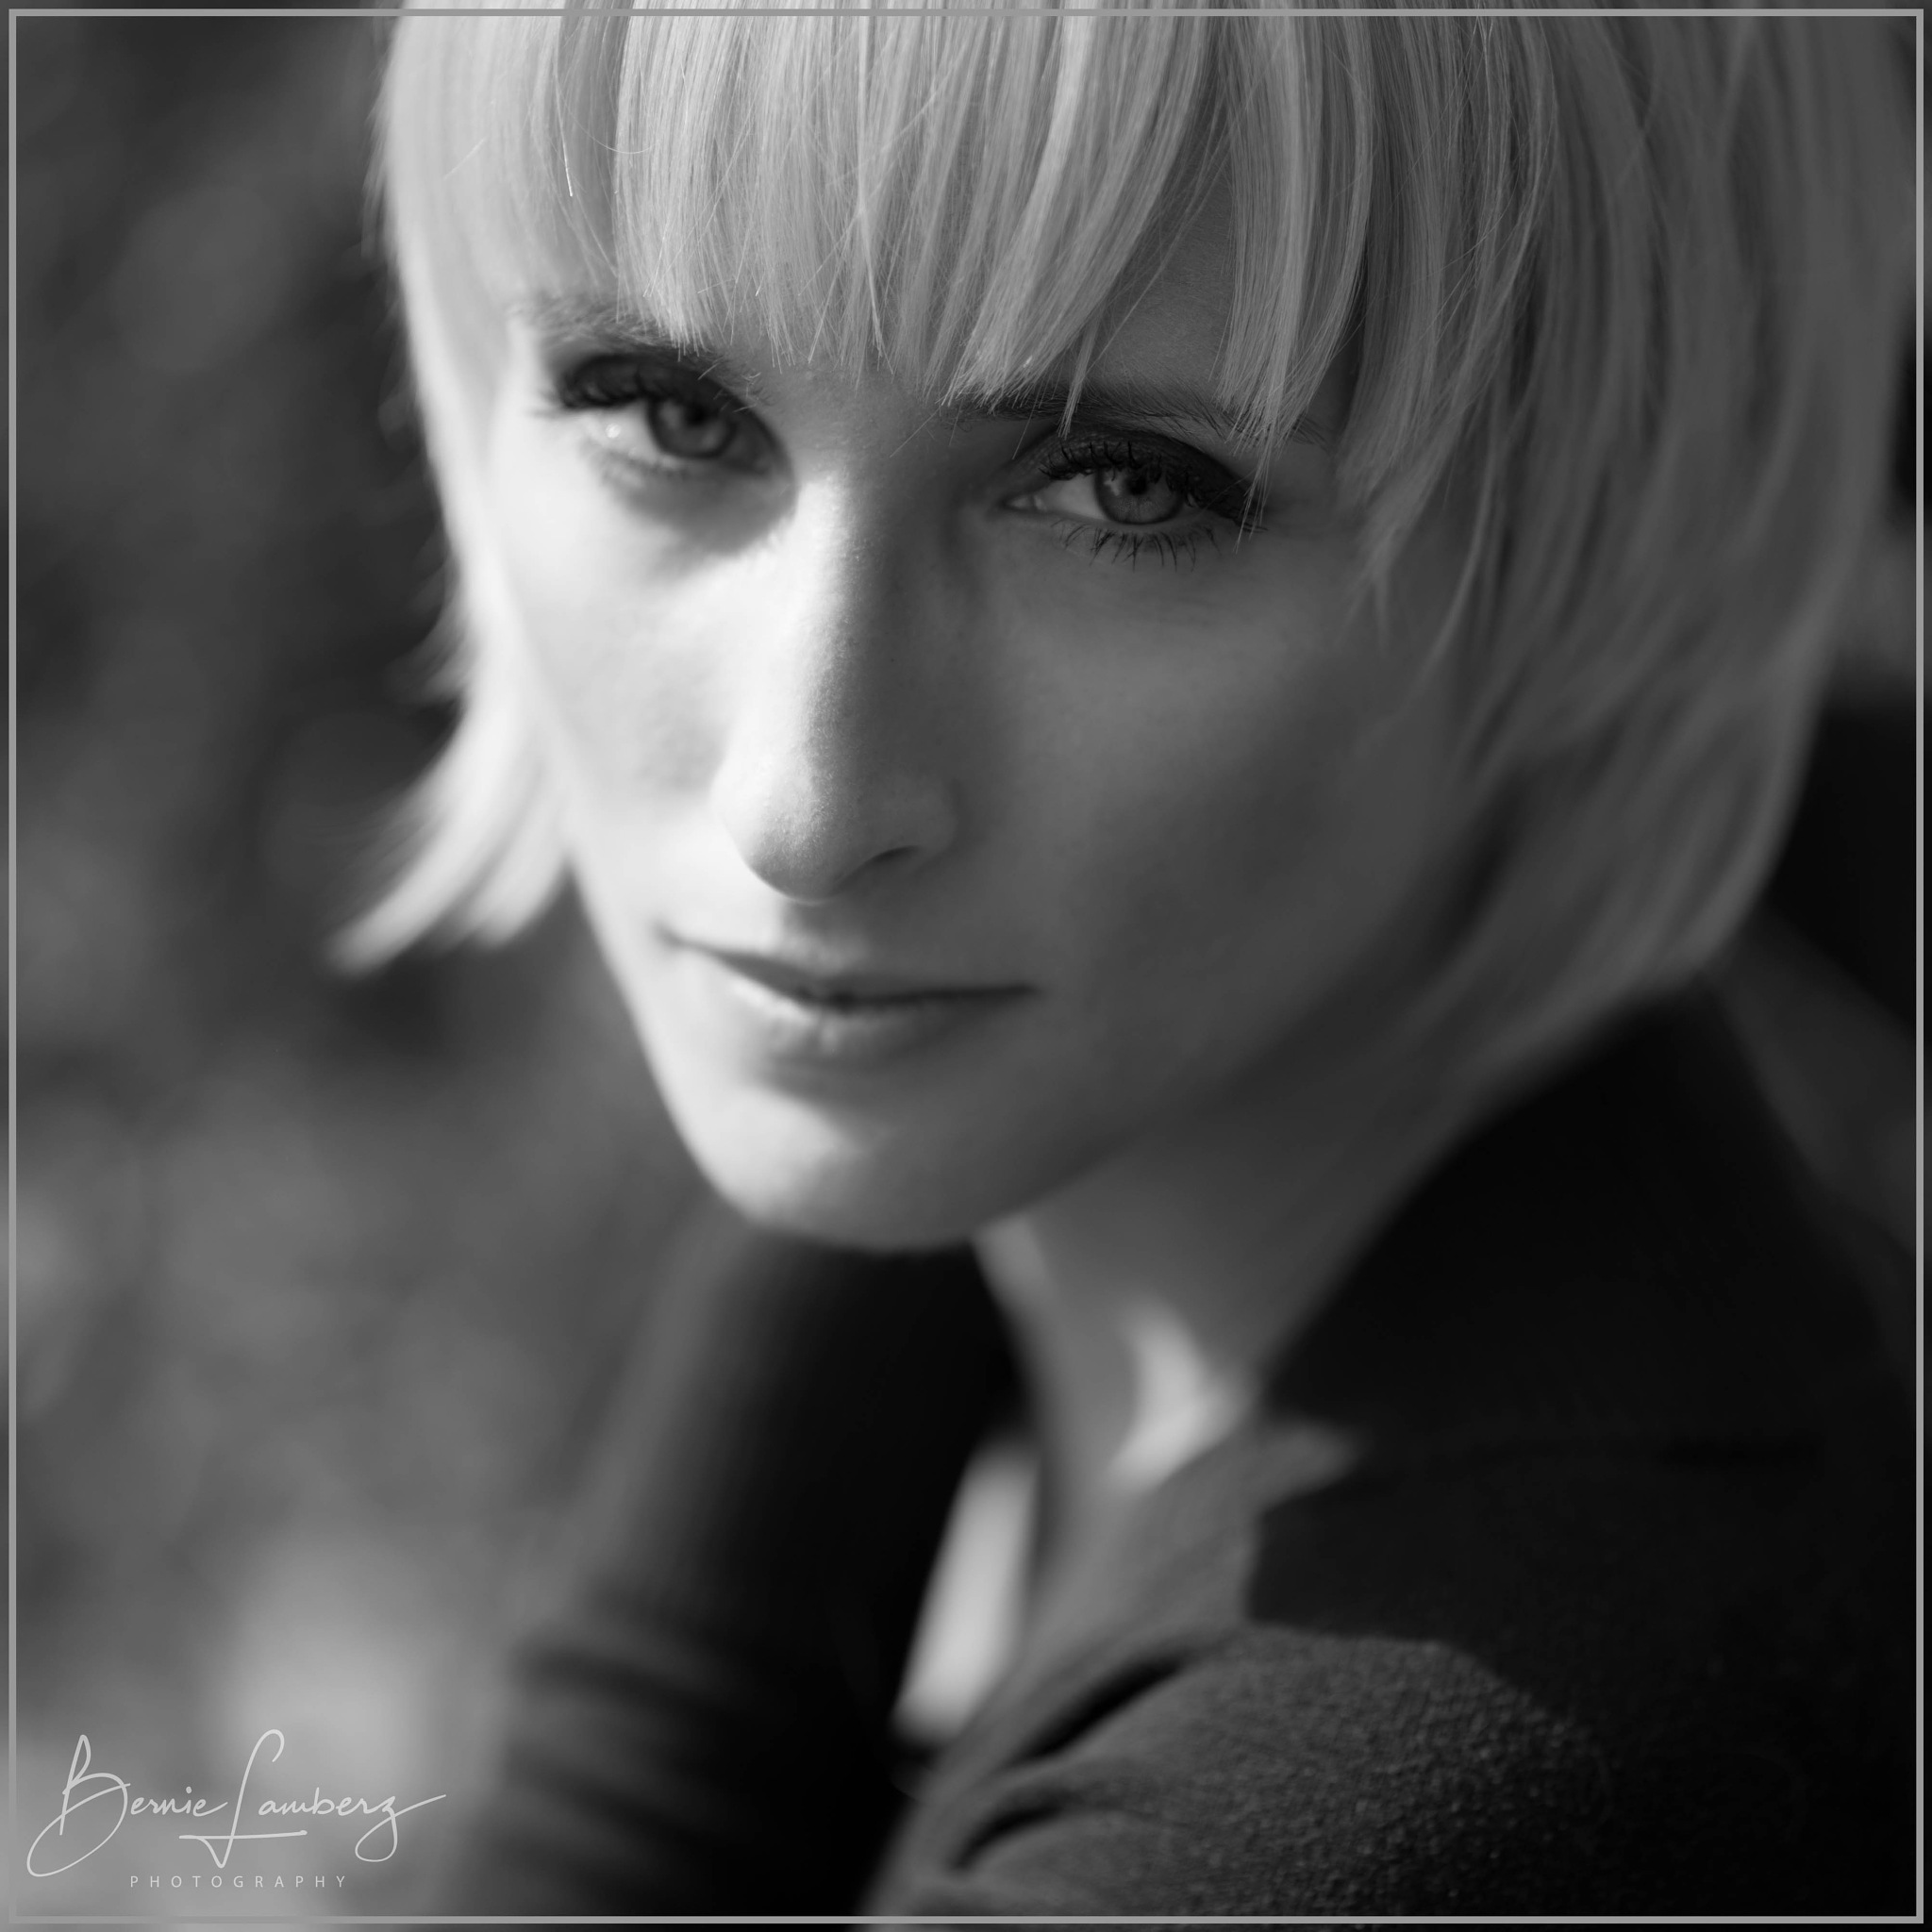 Nika by Bernie Lamberz photography